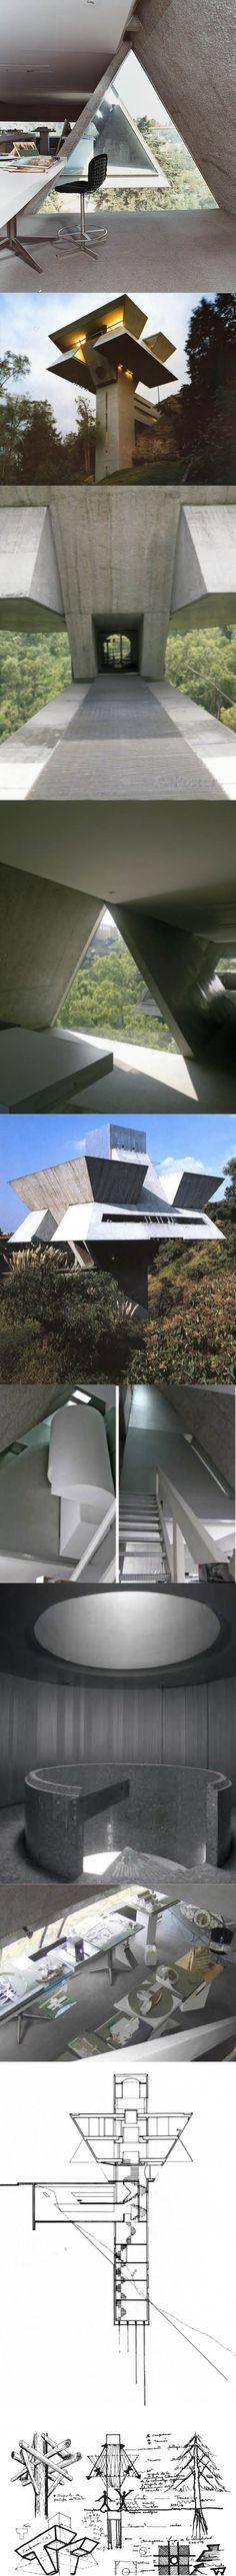 1975 Augustín Hernández Navarro - Praxis / Mexico City / concrete glass…